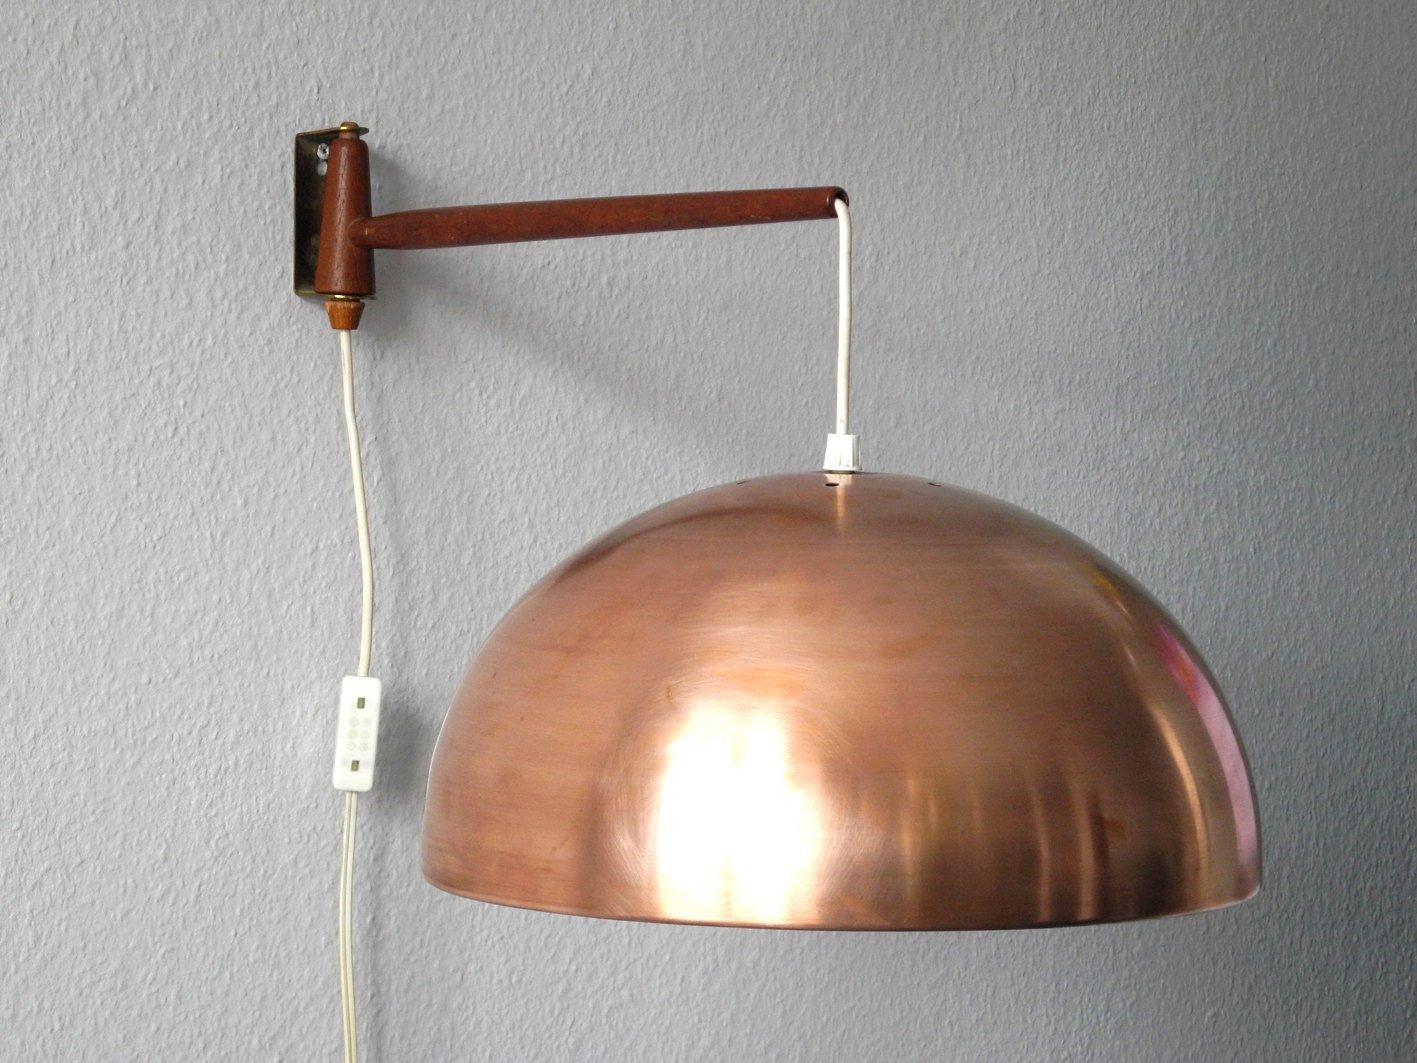 Drehbare Wandlampe aus Teak & Messing mit Lampenschirm aus Kupfer, 196...